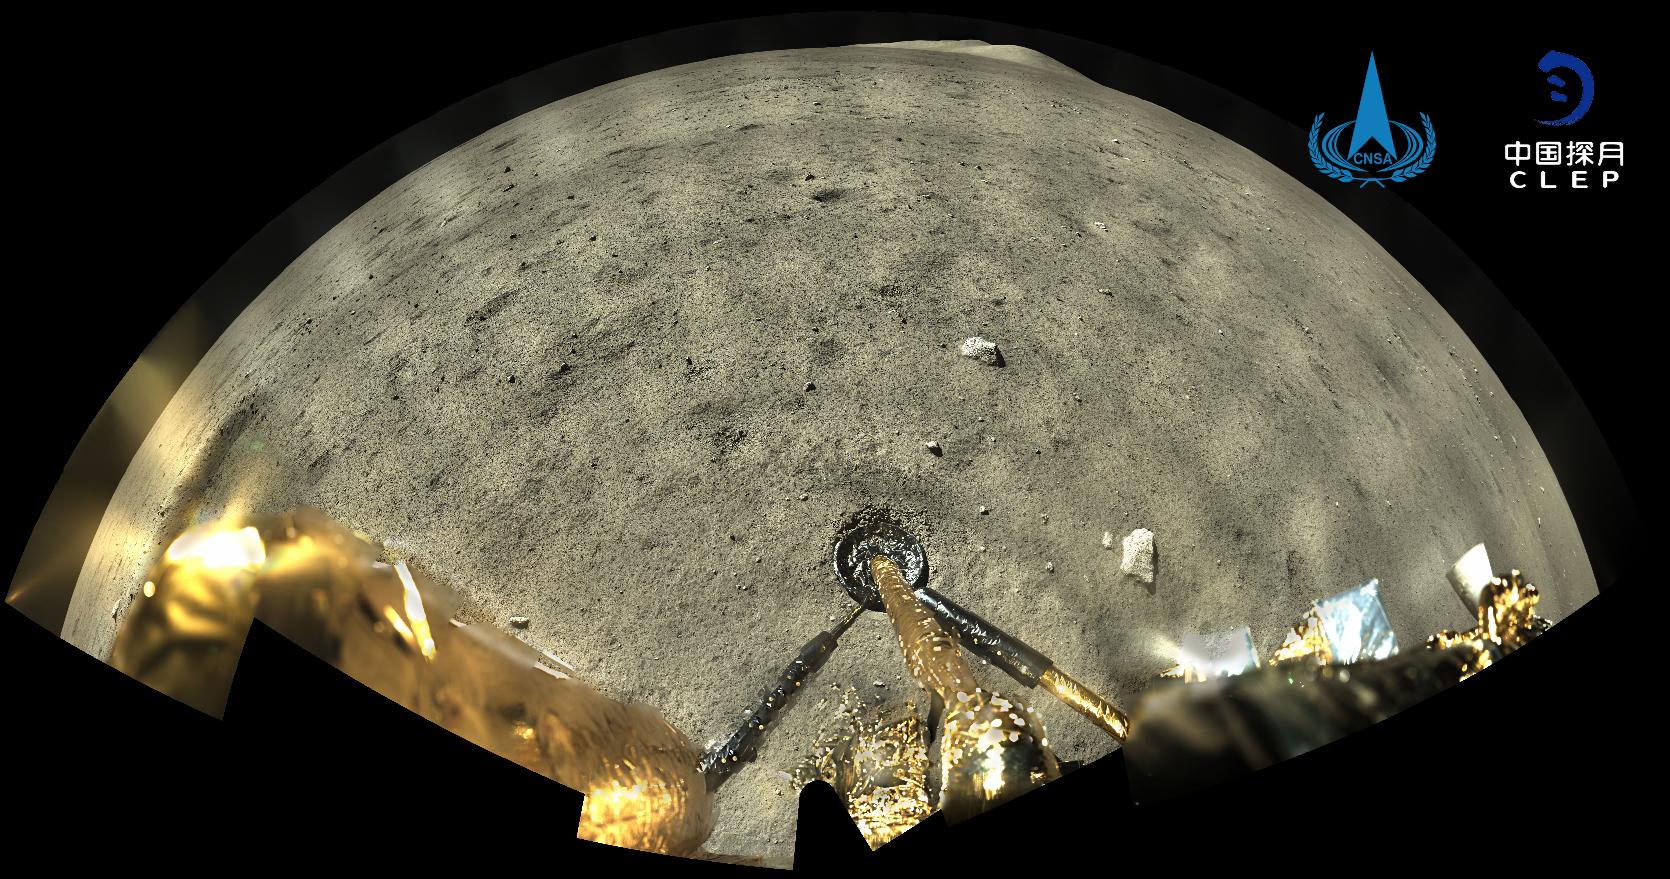 嫦娥五号着陆器和上升器组合体着陆后全景相机环拍成像。